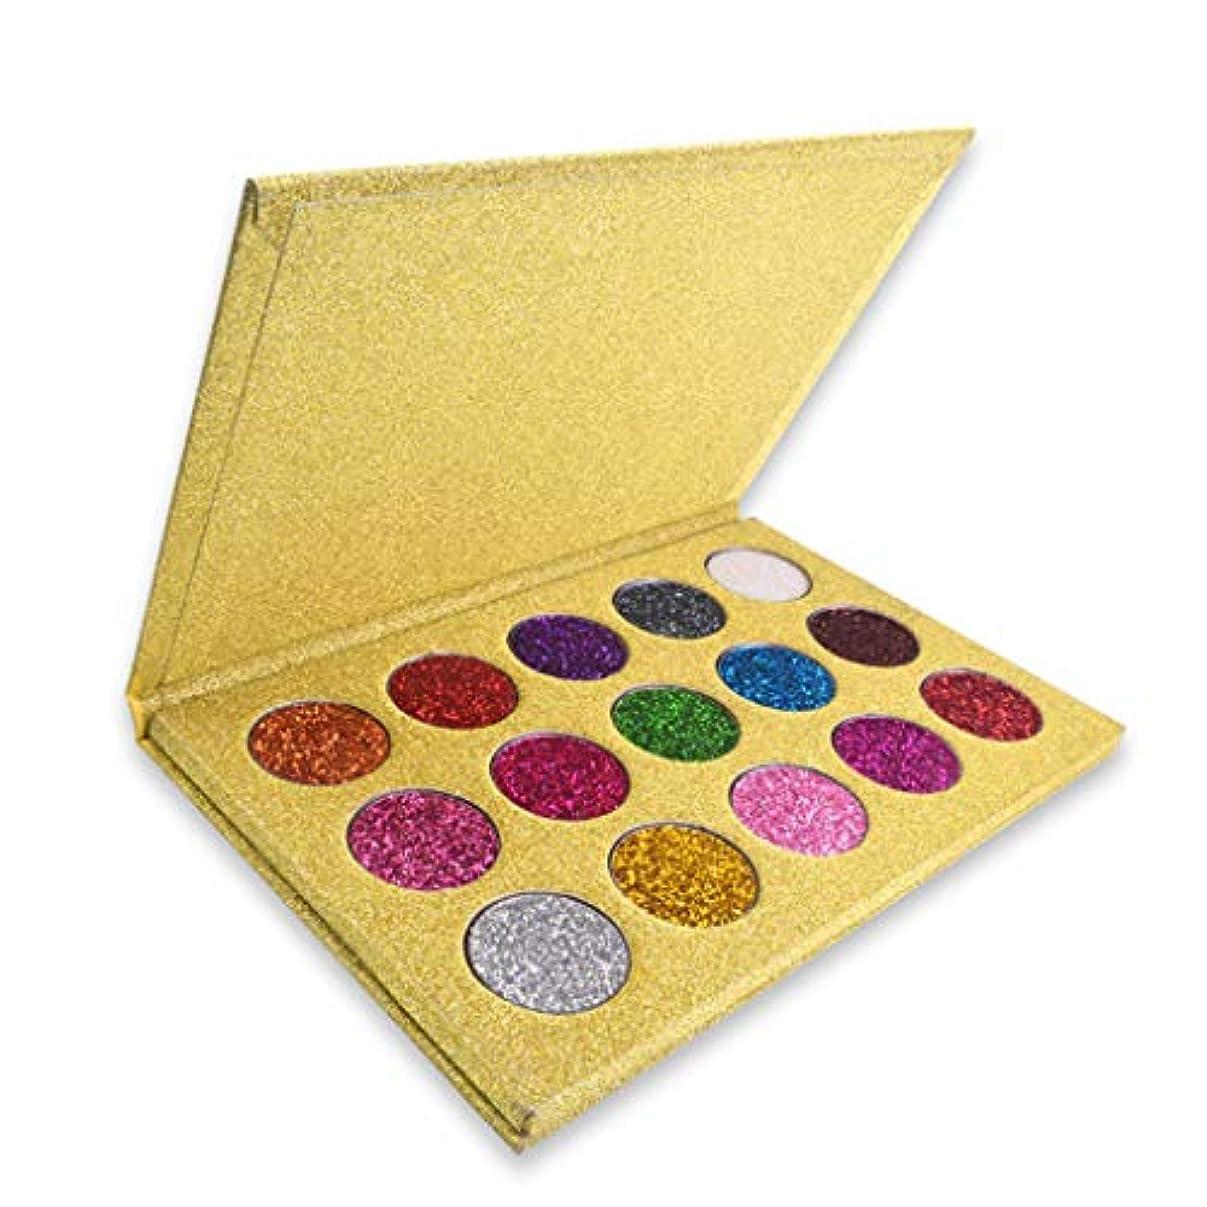 実行可能禁じる学習者きらめき15色の光沢のある目の影のきらめきの粉パレット色の化粧品